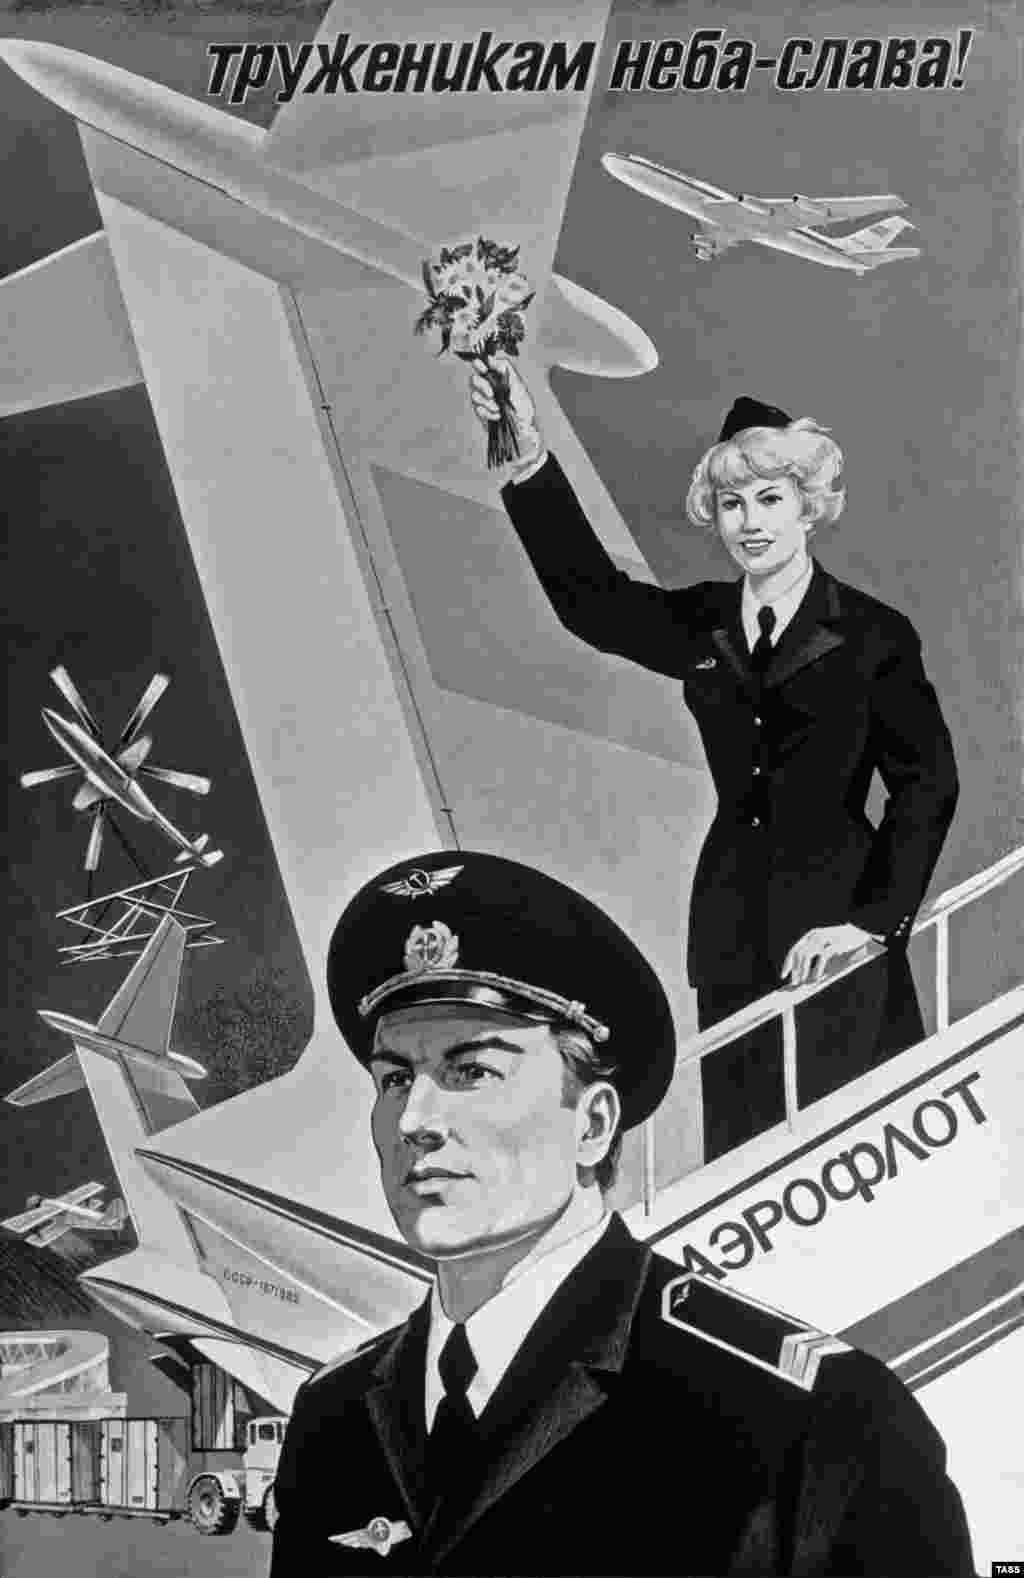 An Aeroflot poster from 1983